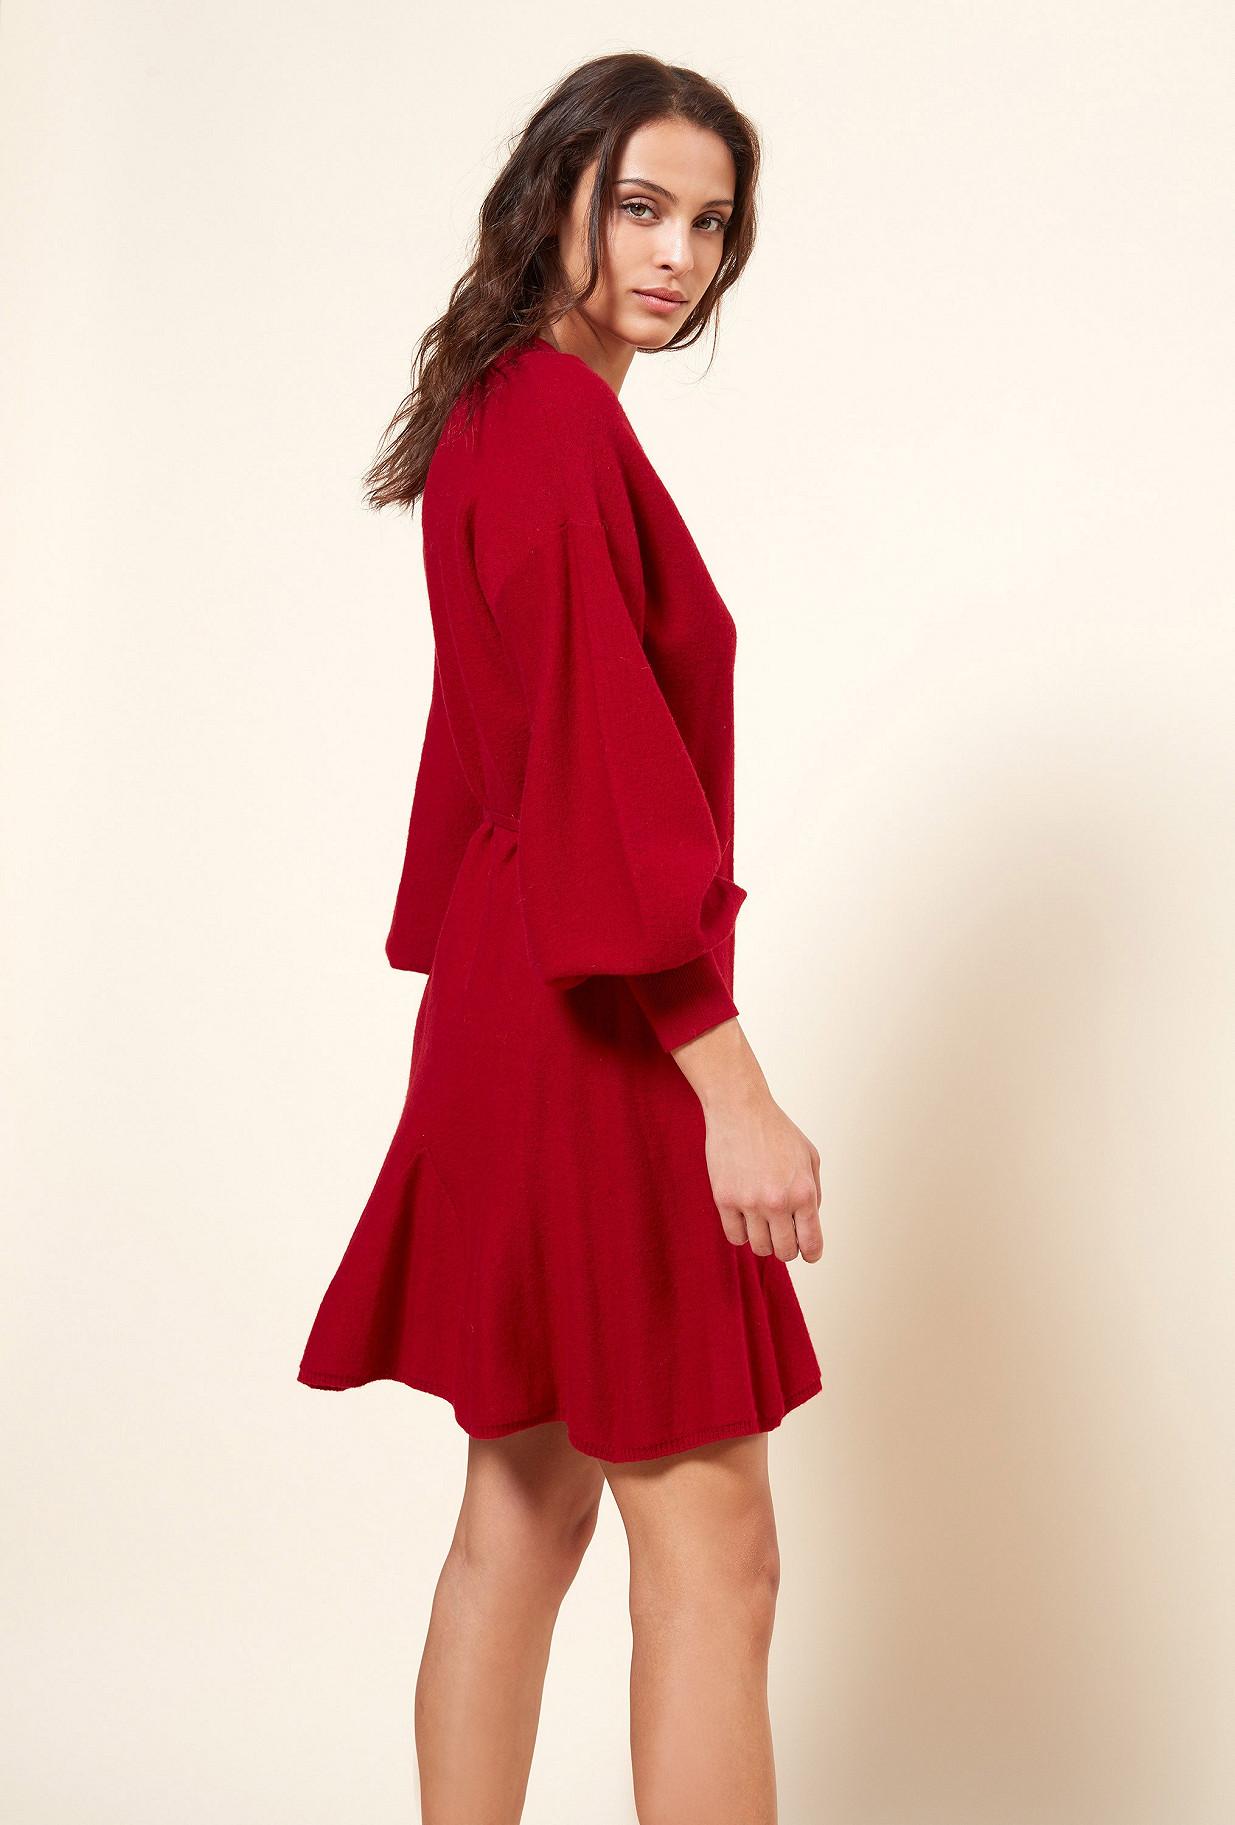 Red  Dress  Sevilla Mes demoiselles fashion clothes designer Paris